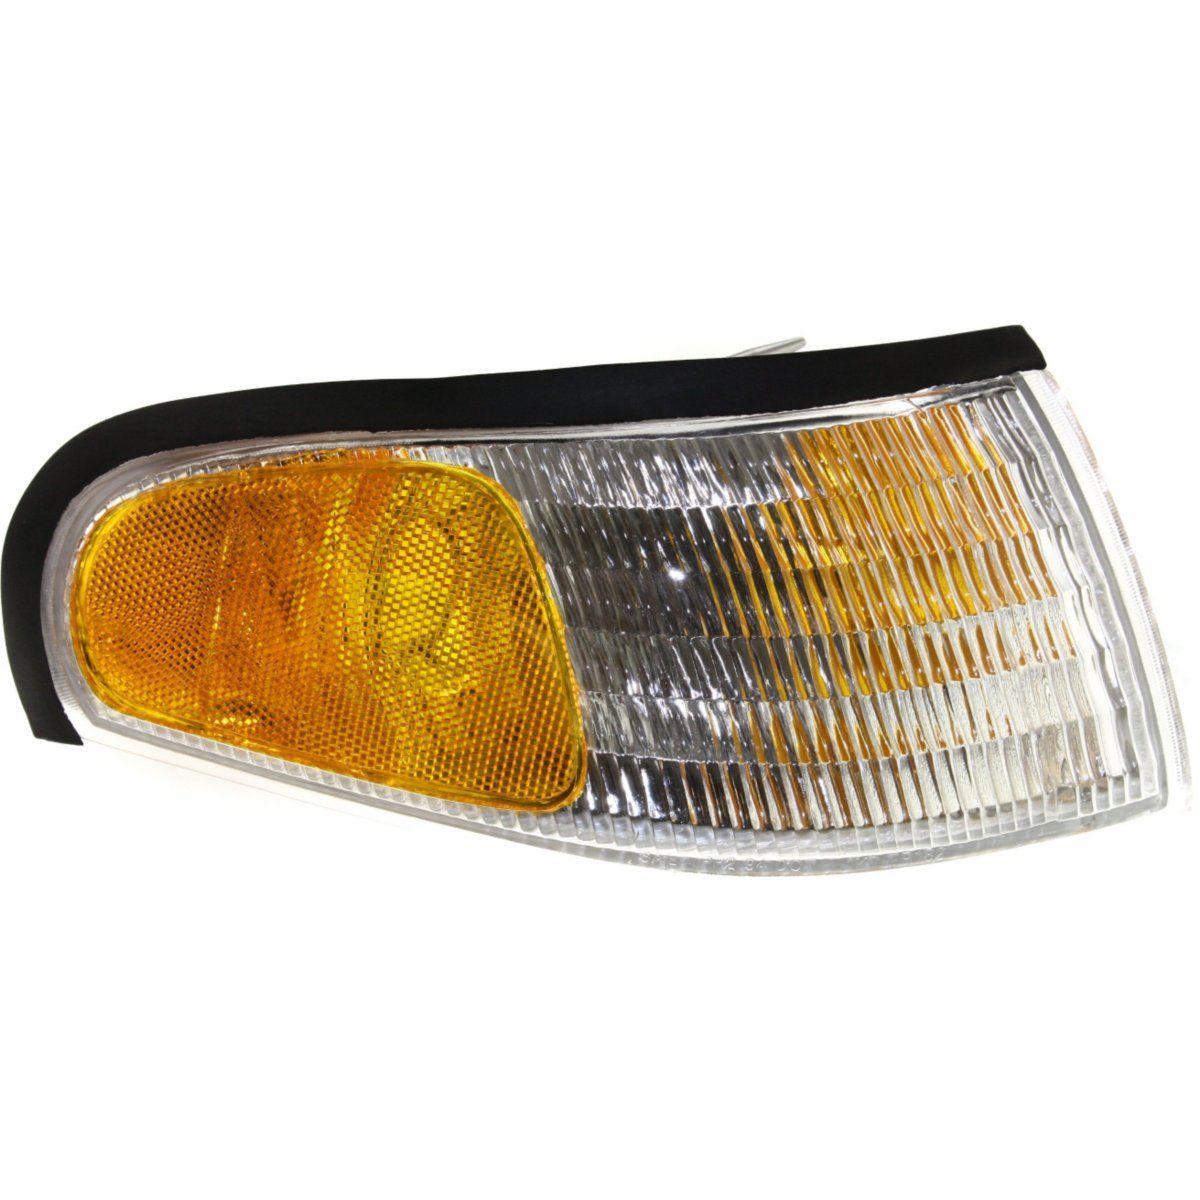 コーナーライト Corner Light For 94-98 Ford Mustang Passenger Side Incandescent 94-98フォードマスタング乗客側白熱灯のコーナーライト